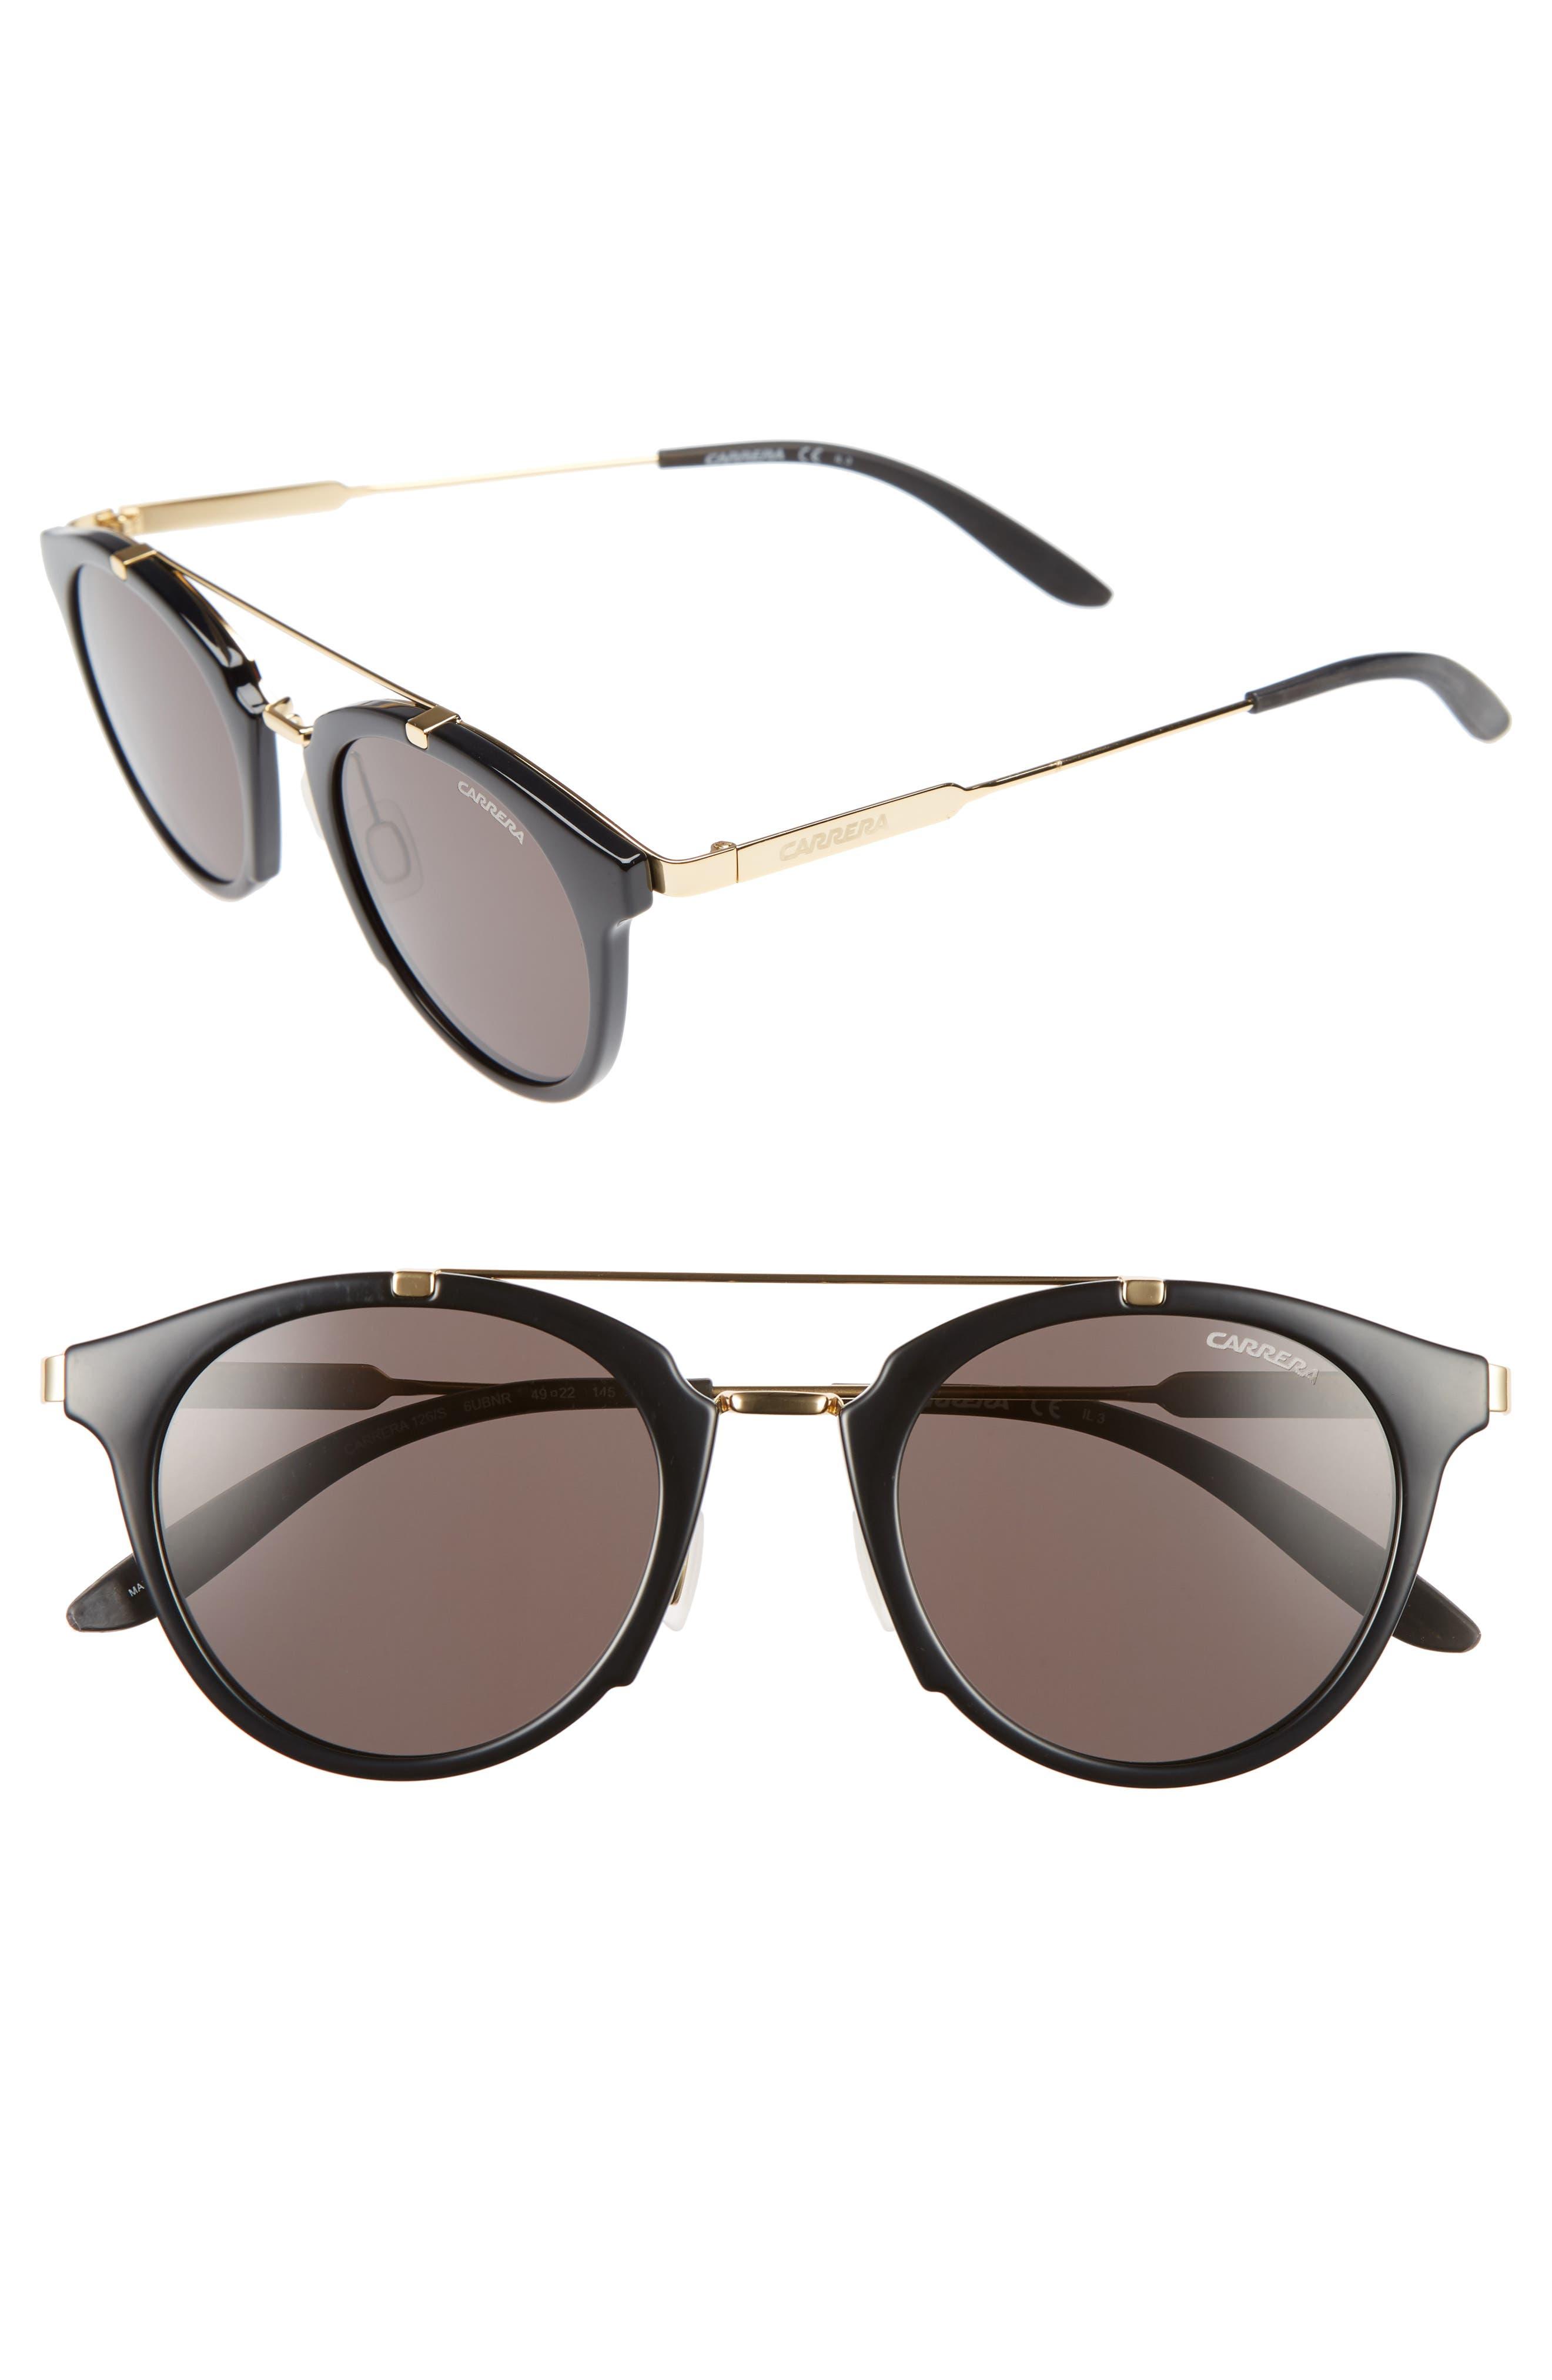 CARRERA EYEWEAR Carrera 126 49mm Sunglasses, Main, color, 001